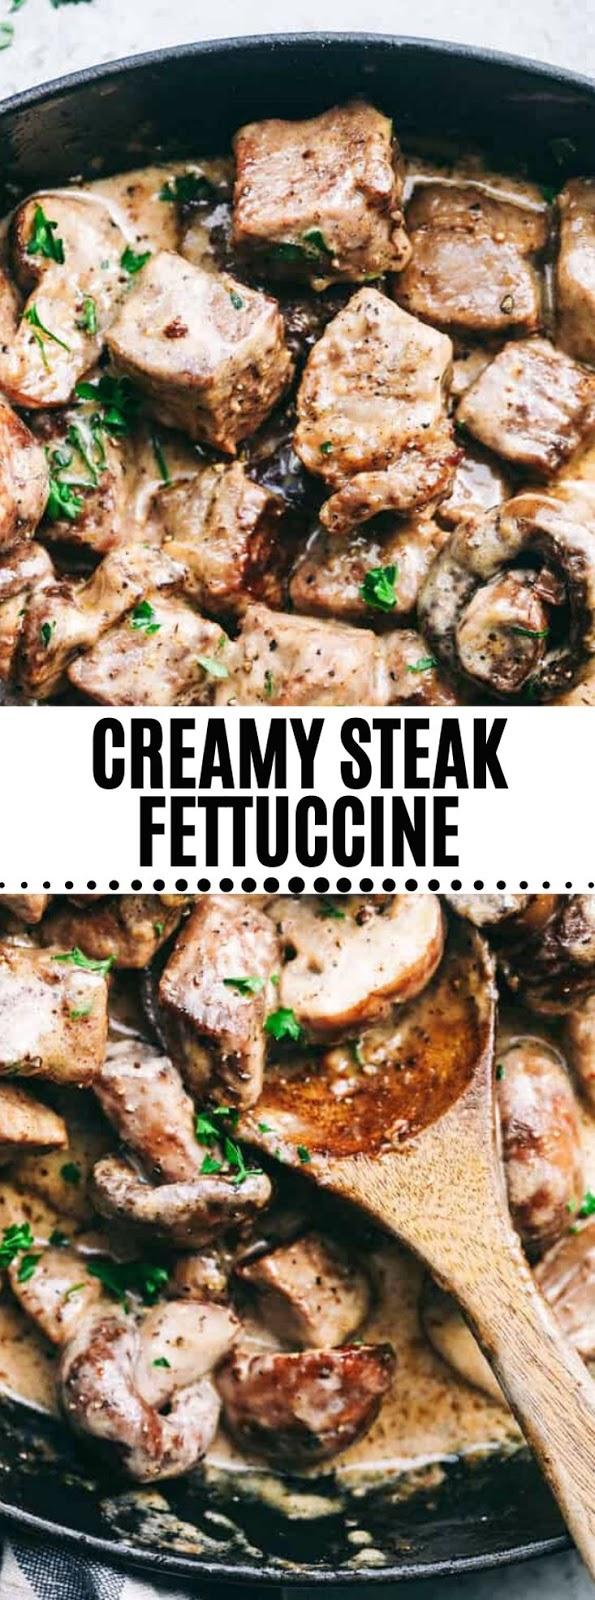 Creamy Steak Fettuccine